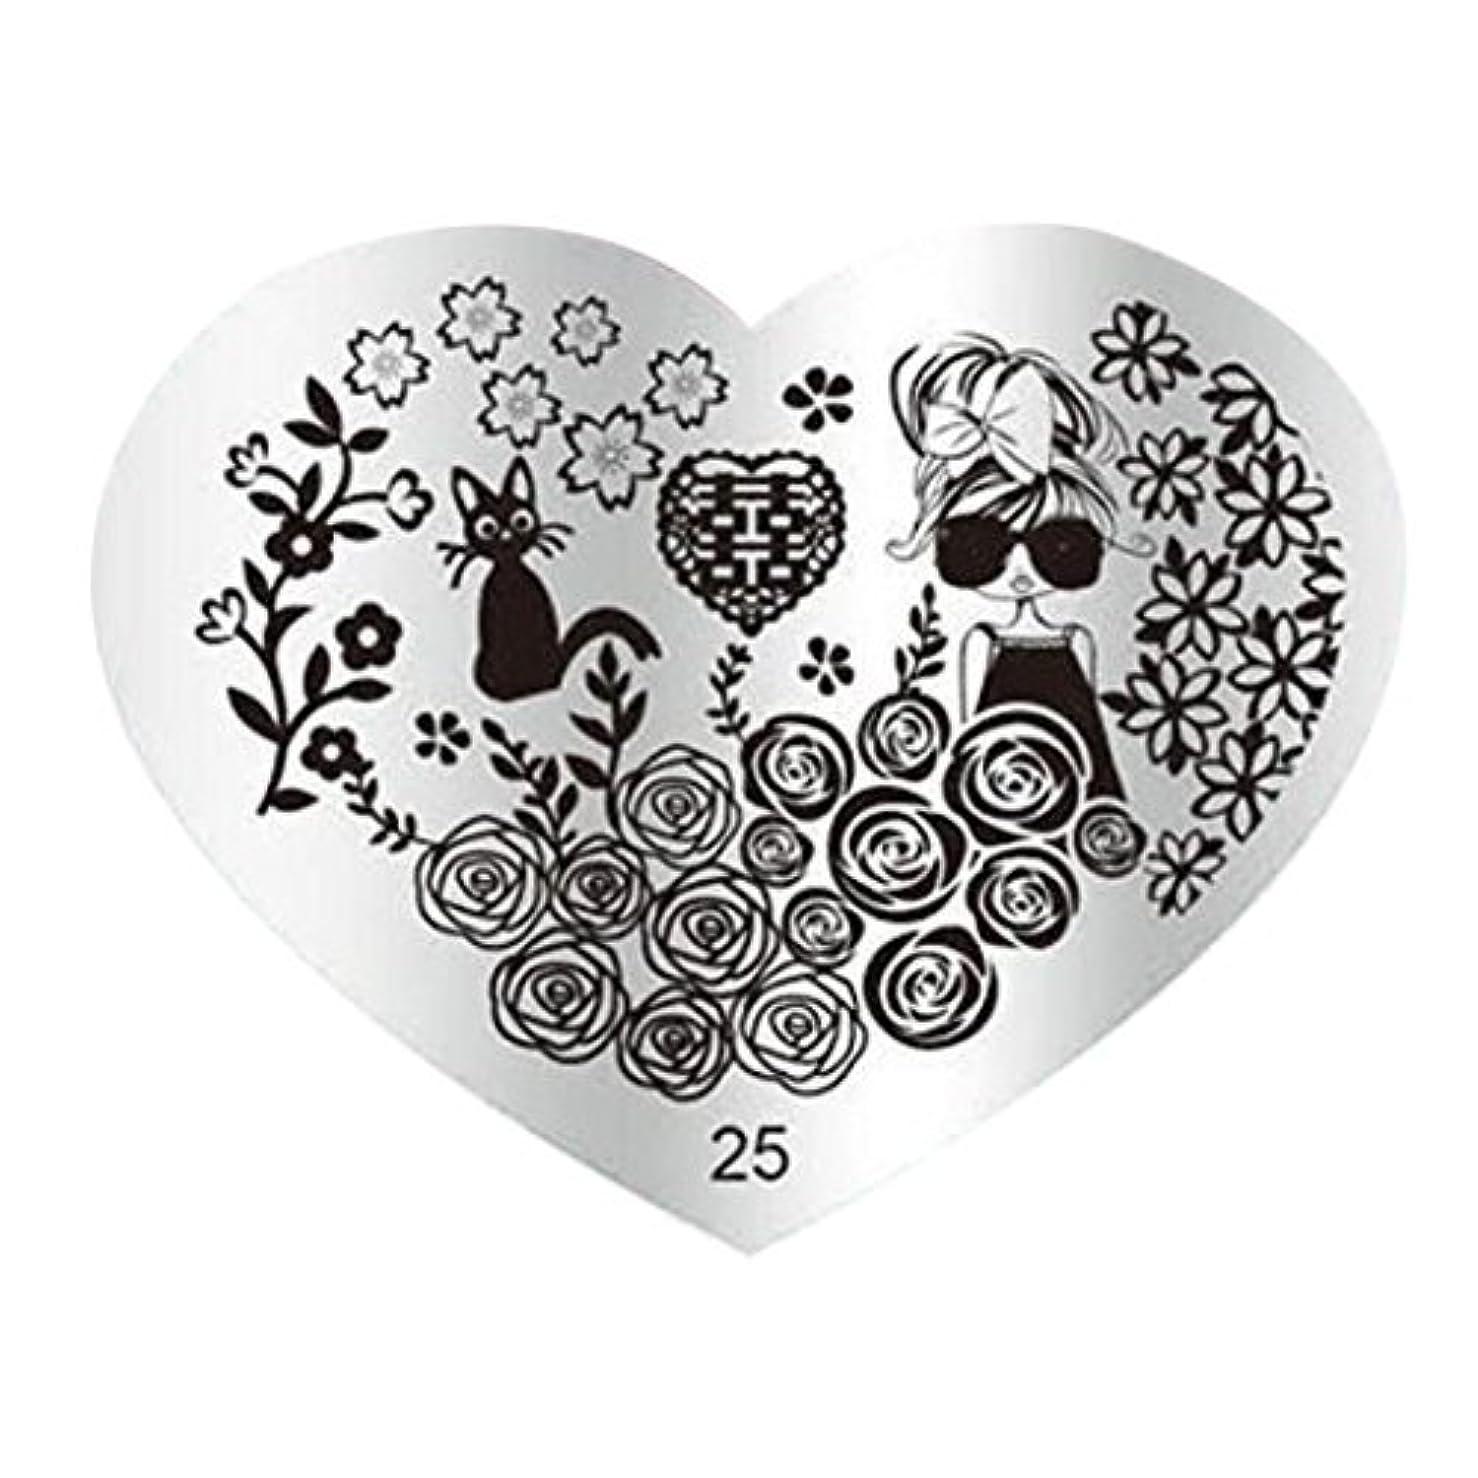 呼吸考慮追い払うSODIAL DIYネイルアート画像スタンププレート マニキュアテンプレートパンチング(25#)